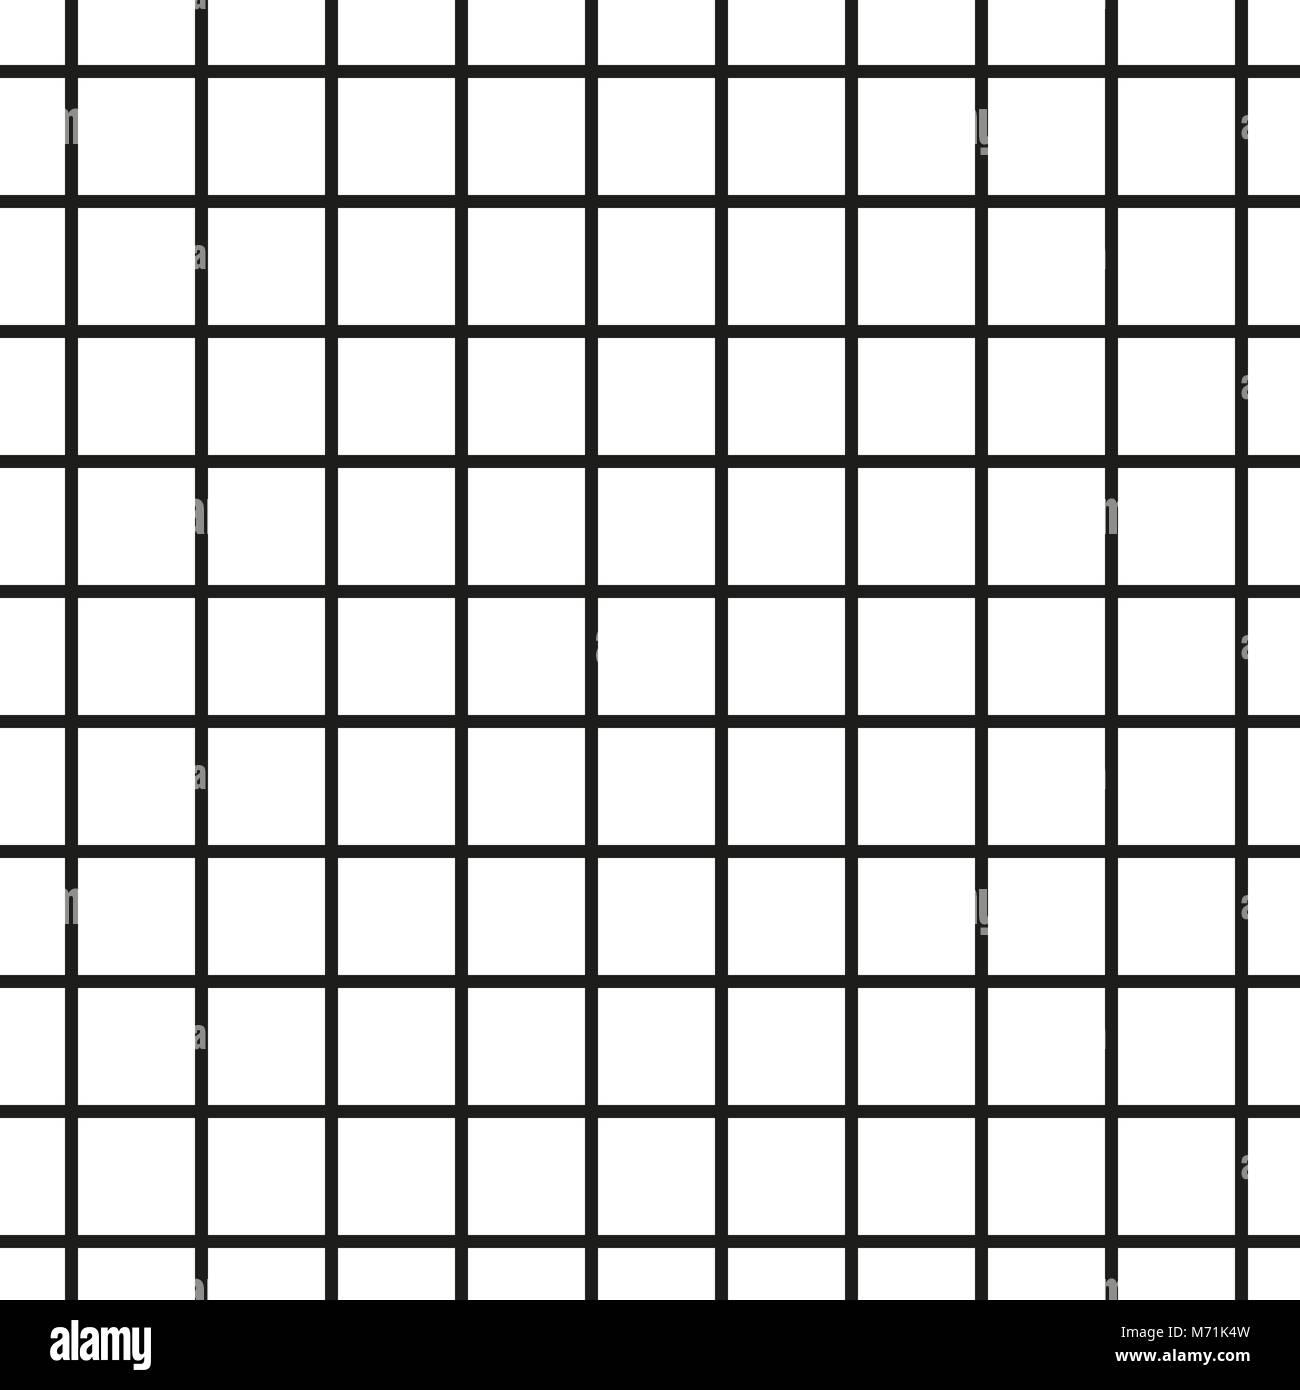 Fantastisch Kostenlose Millimeterpapier Vorlagen Bilder - Beispiel ...